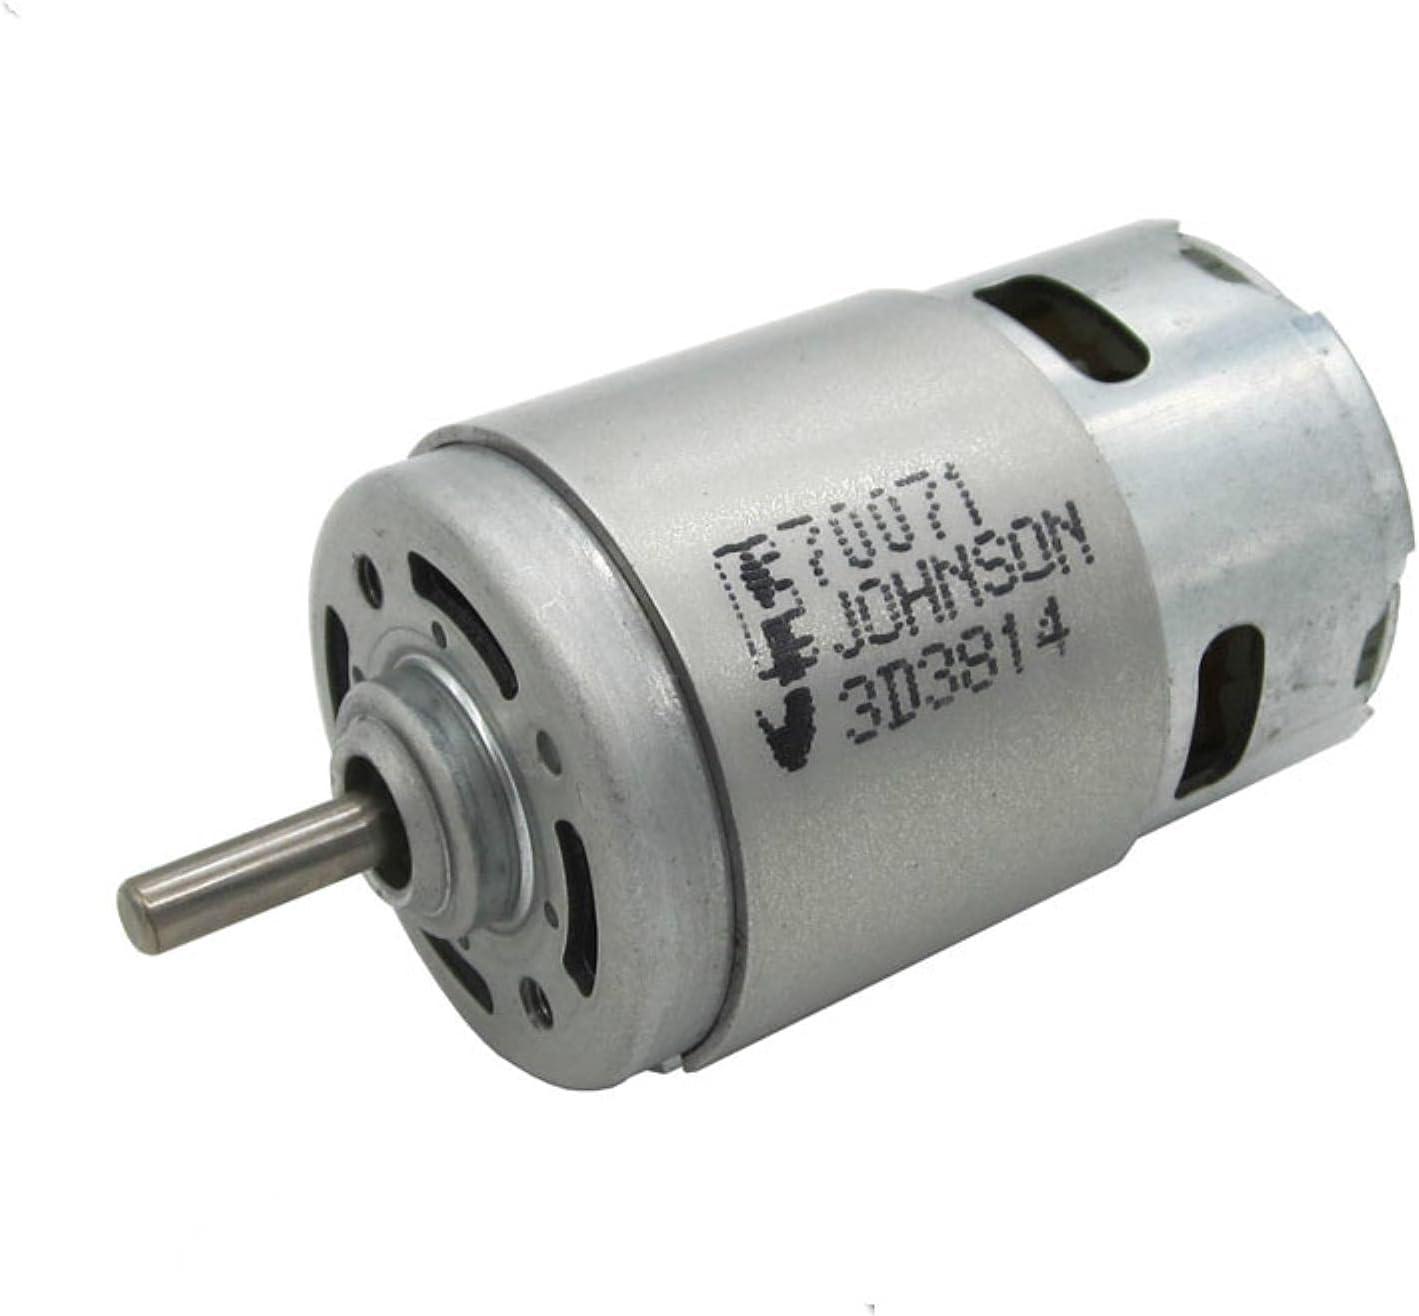 XACQuanyao para Johnson Electric 775 Motor de Alta Velocidad Modelo de Herramienta eléctrica Motor de Potencia 12V-18V Motor RS-775 de Alta Velocidad para Transferencia eléctrica